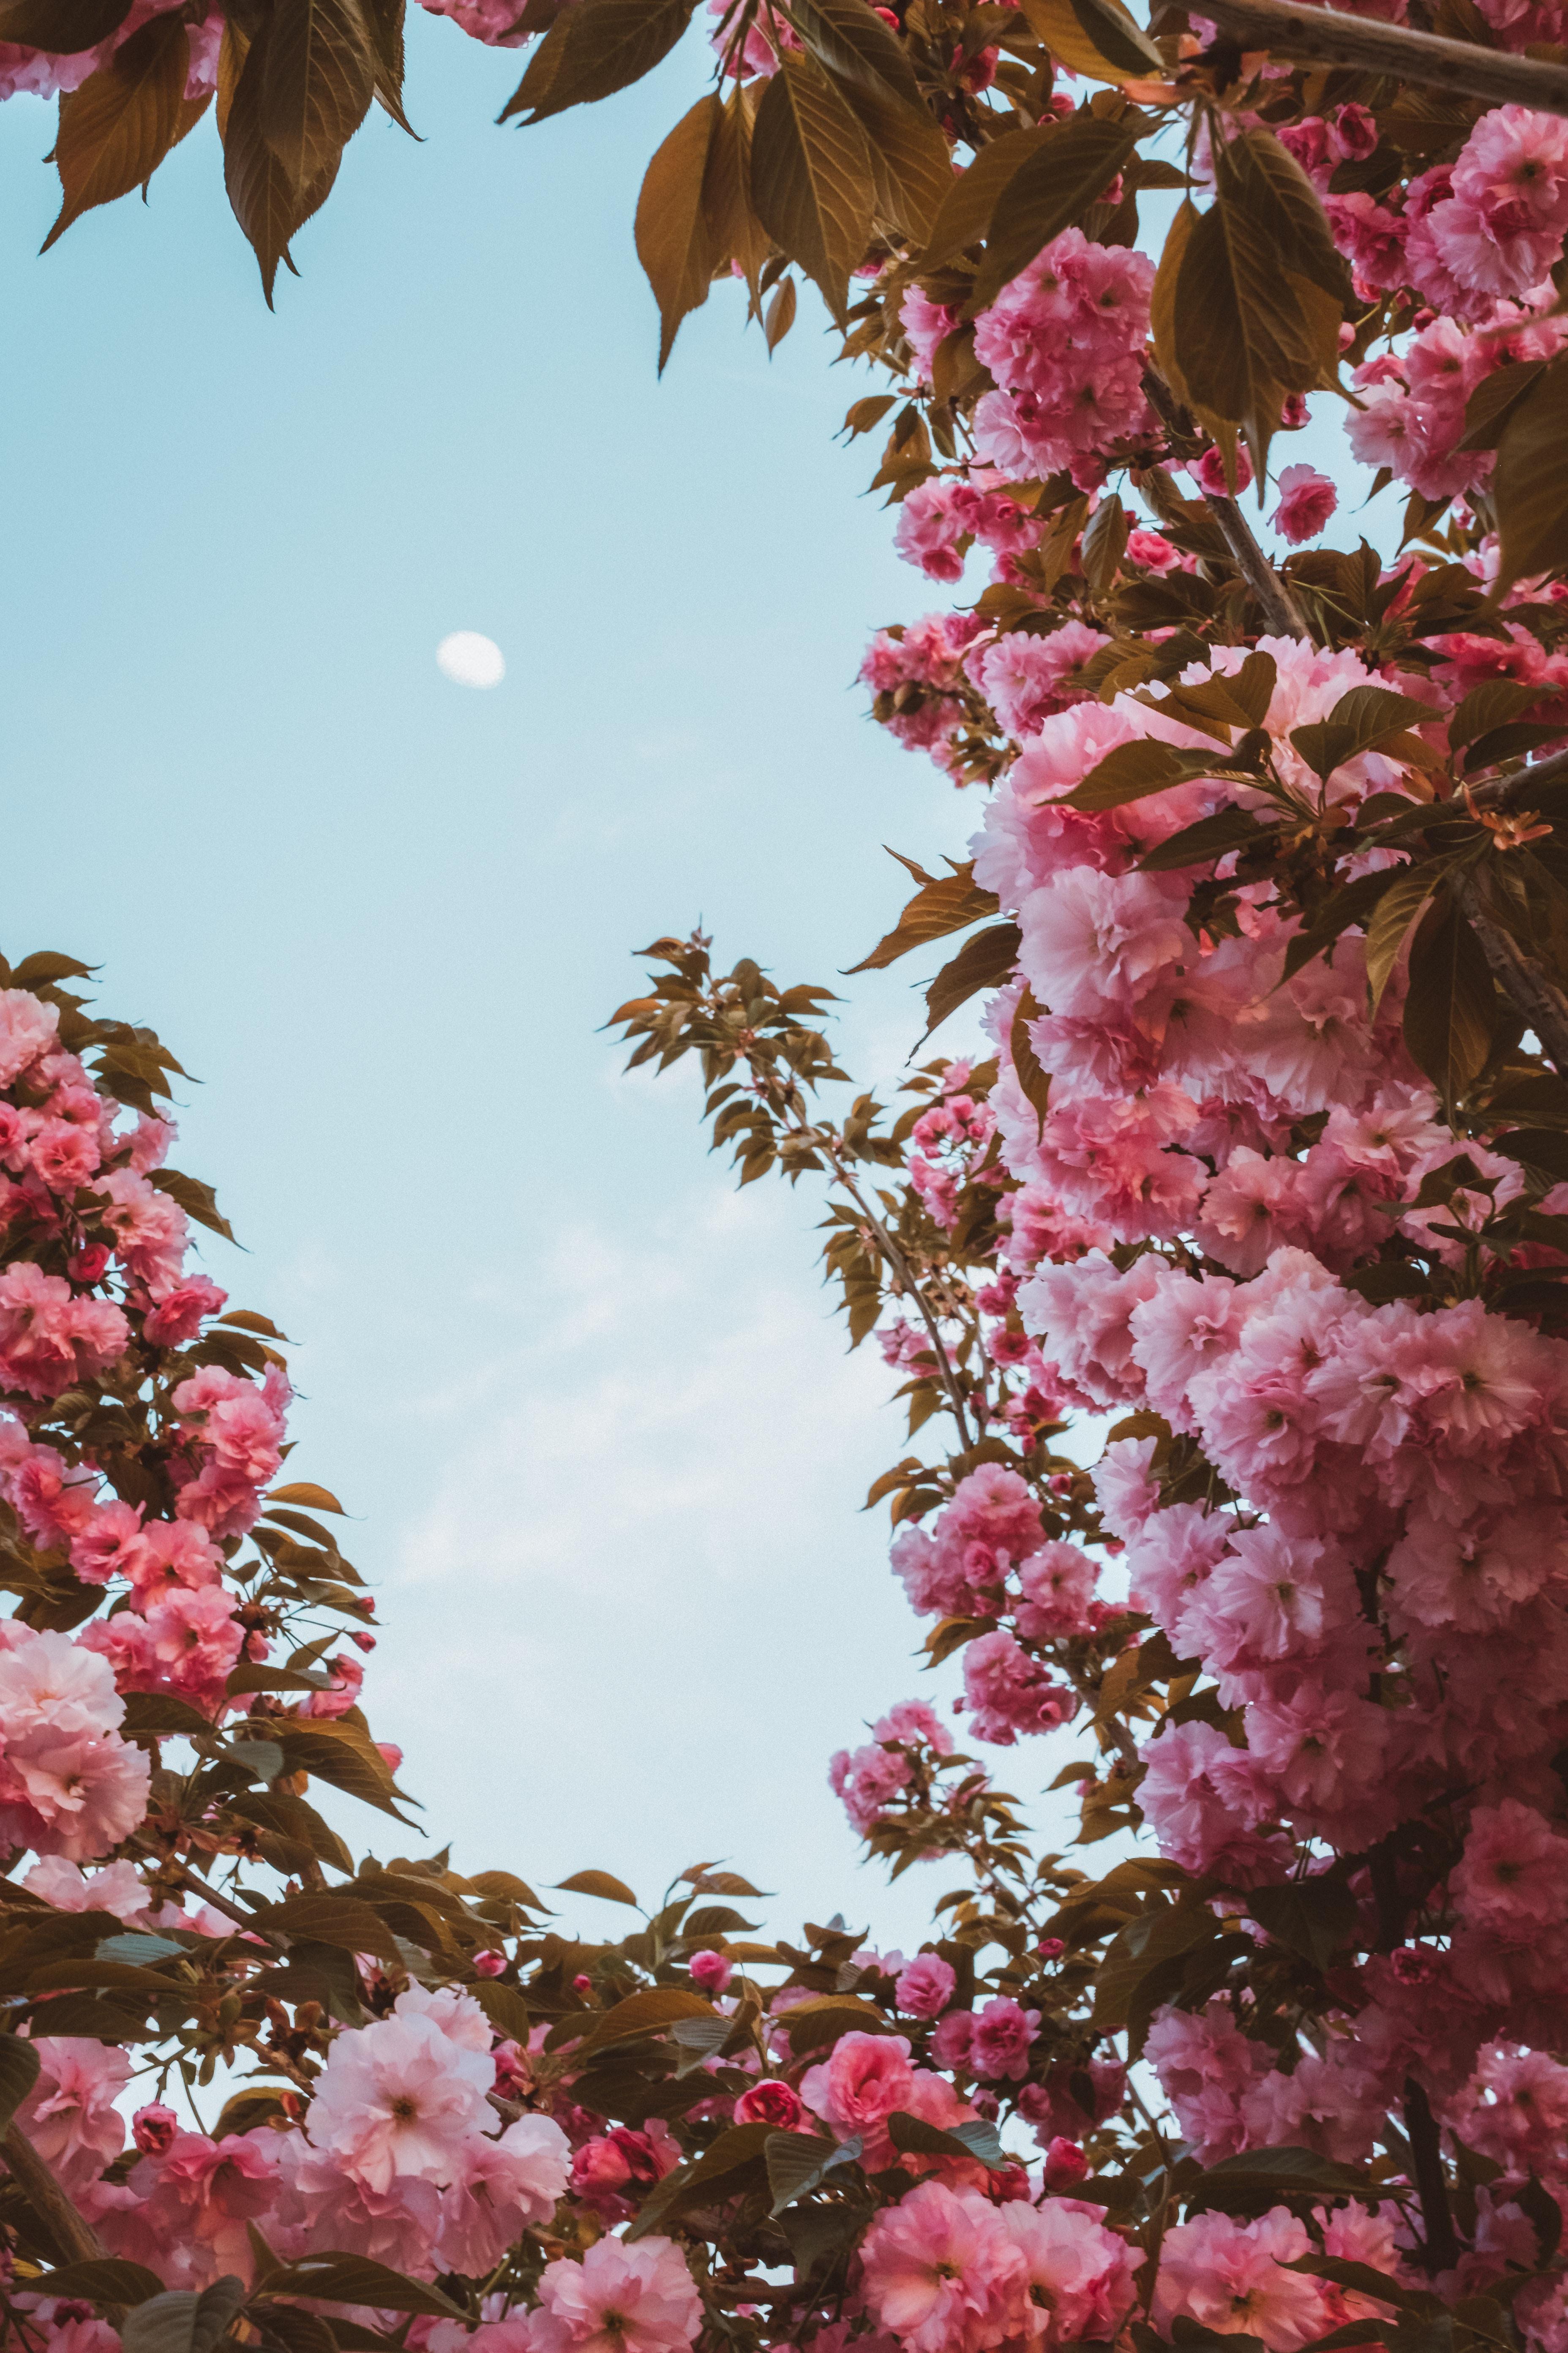 104383 скачать обои Цветы, Сакура, Небо, Луна, Цветение, Розовый, Весна - заставки и картинки бесплатно